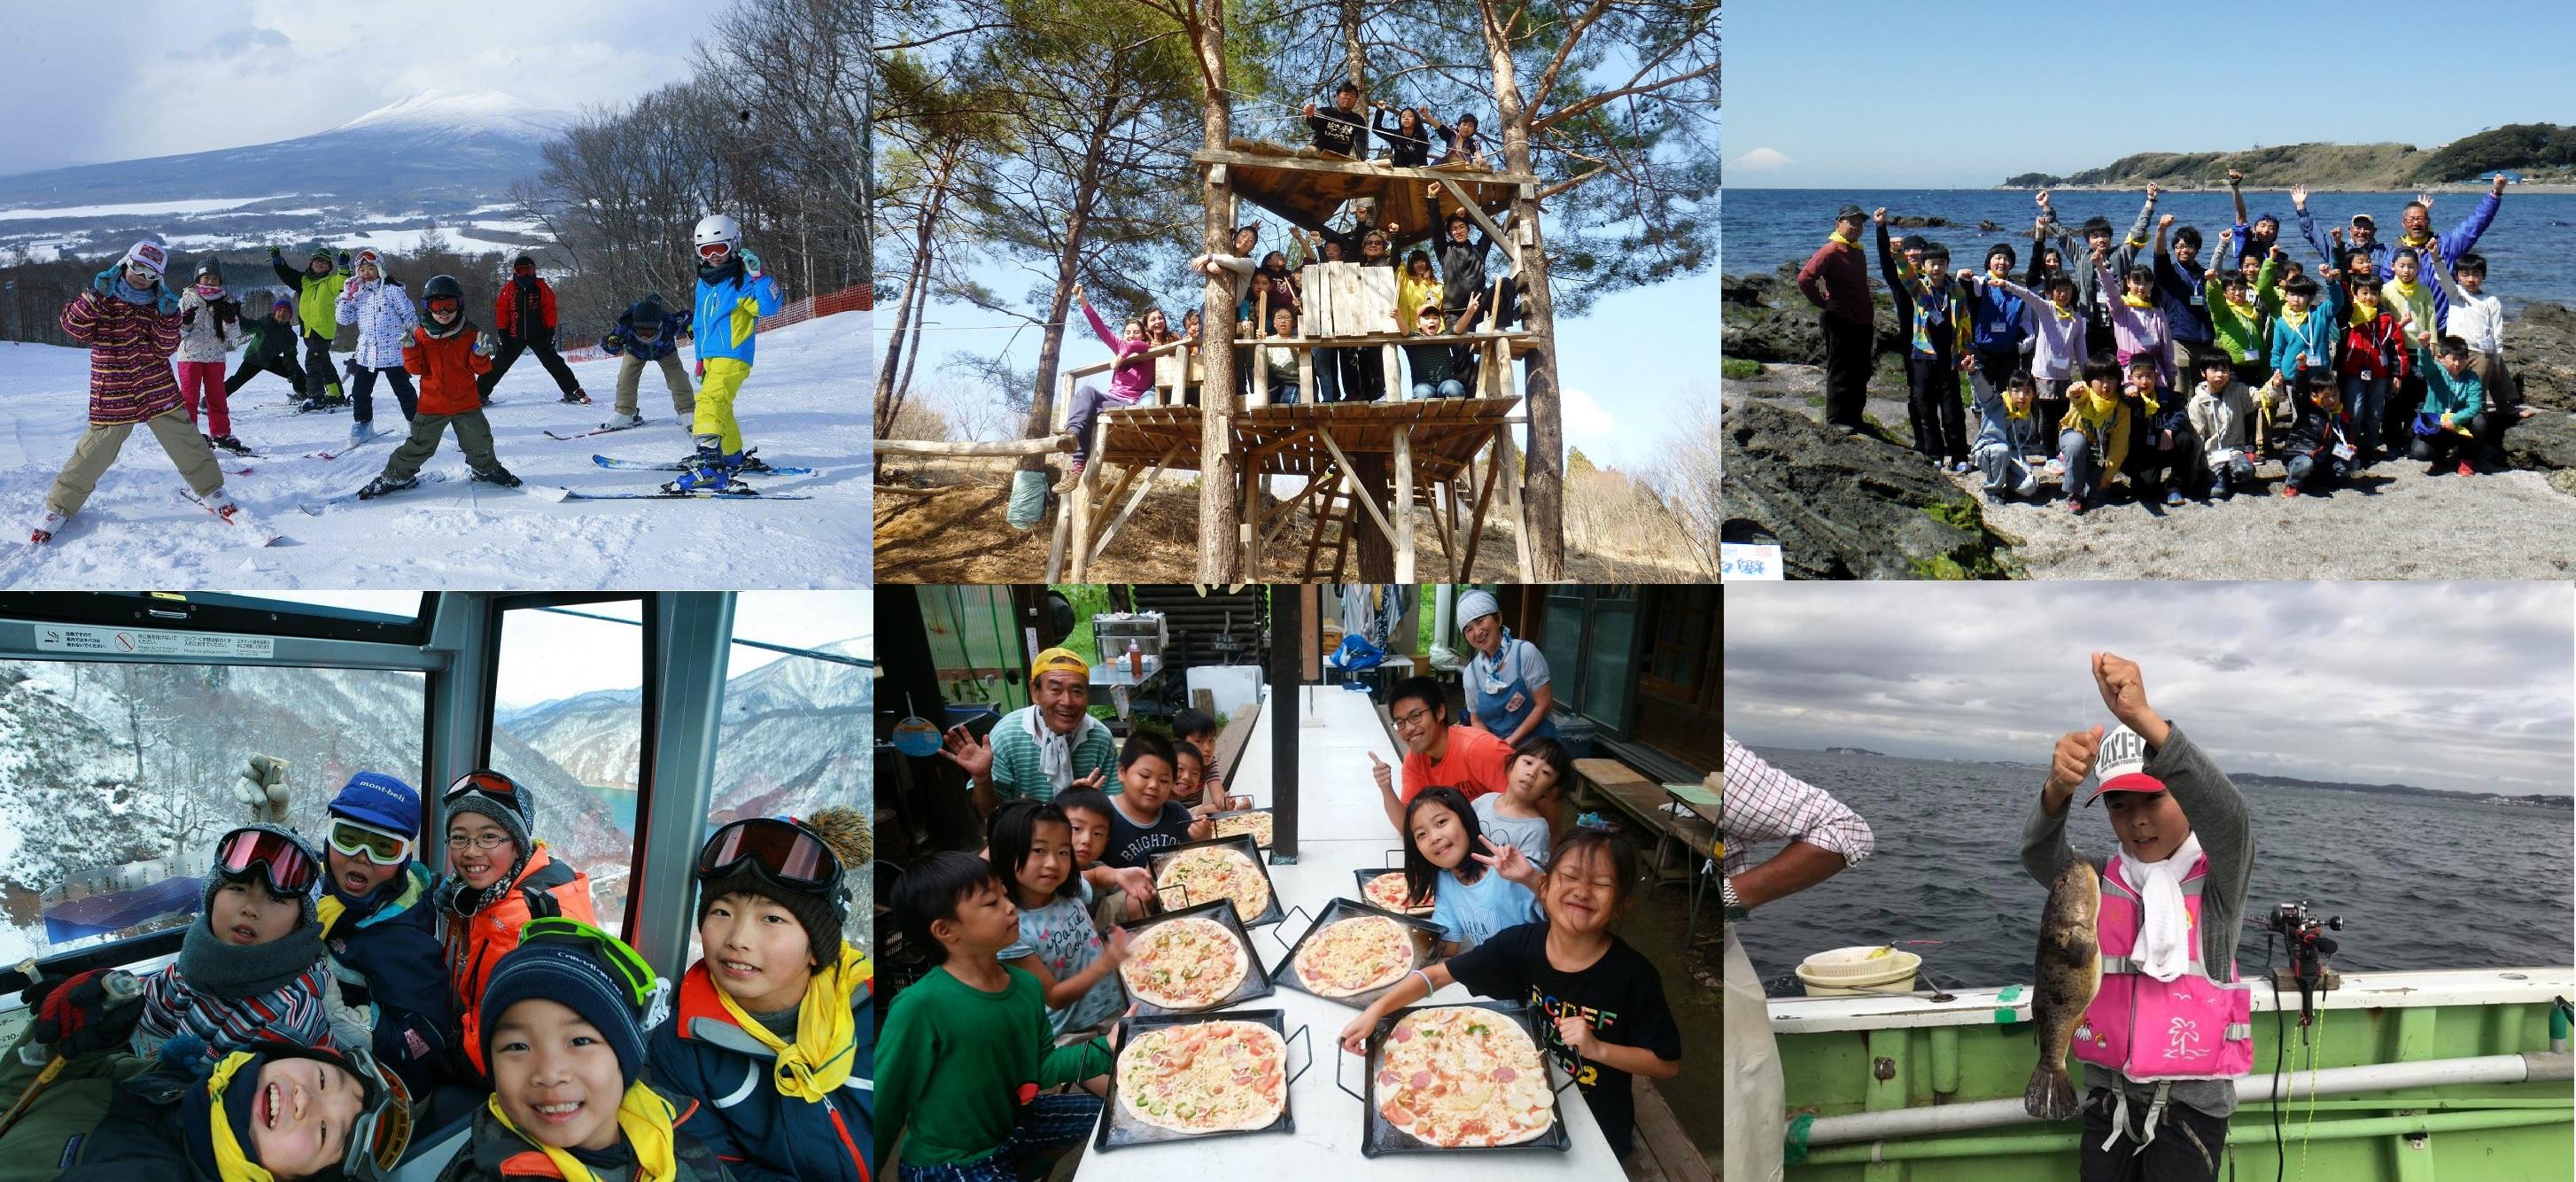 【参加者募集】小学生・中学生対象「2019年春休み子どもキャンプ・スキーツアー」の全3コース-東京・上野・横浜の集合解散で、本格的な体験ができる!